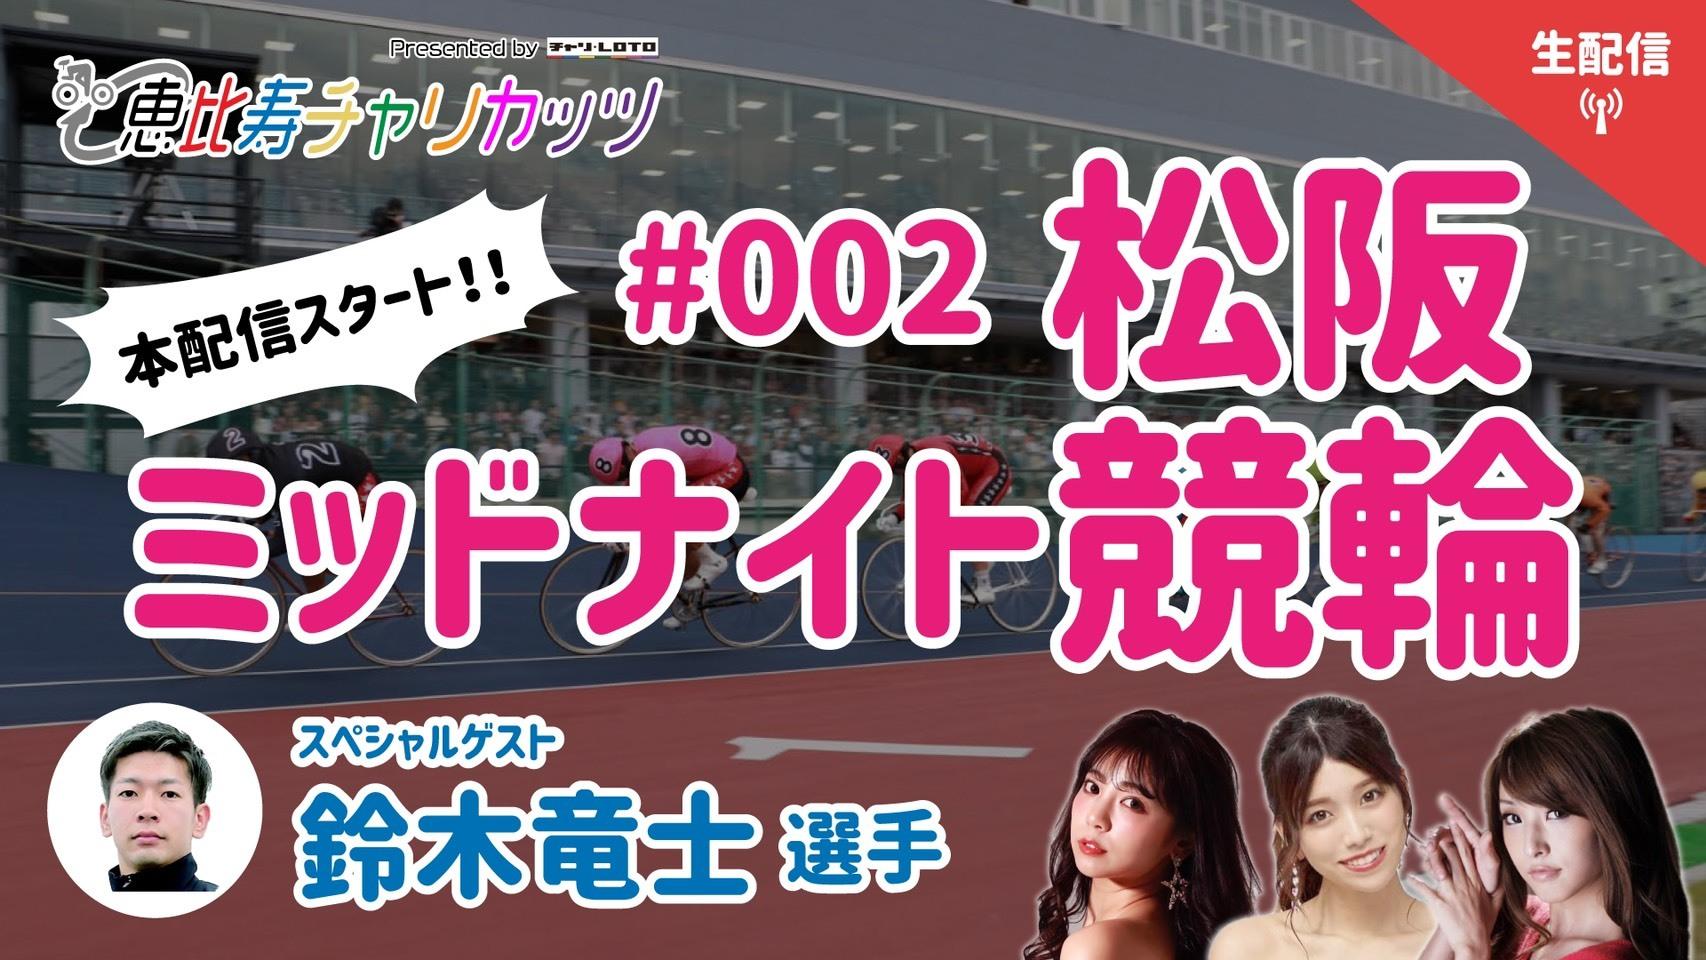 【28日21:30~】YouTube生配信番組『恵比寿チャリカッツ』配信!スペシャルゲストは鈴木竜士選手!